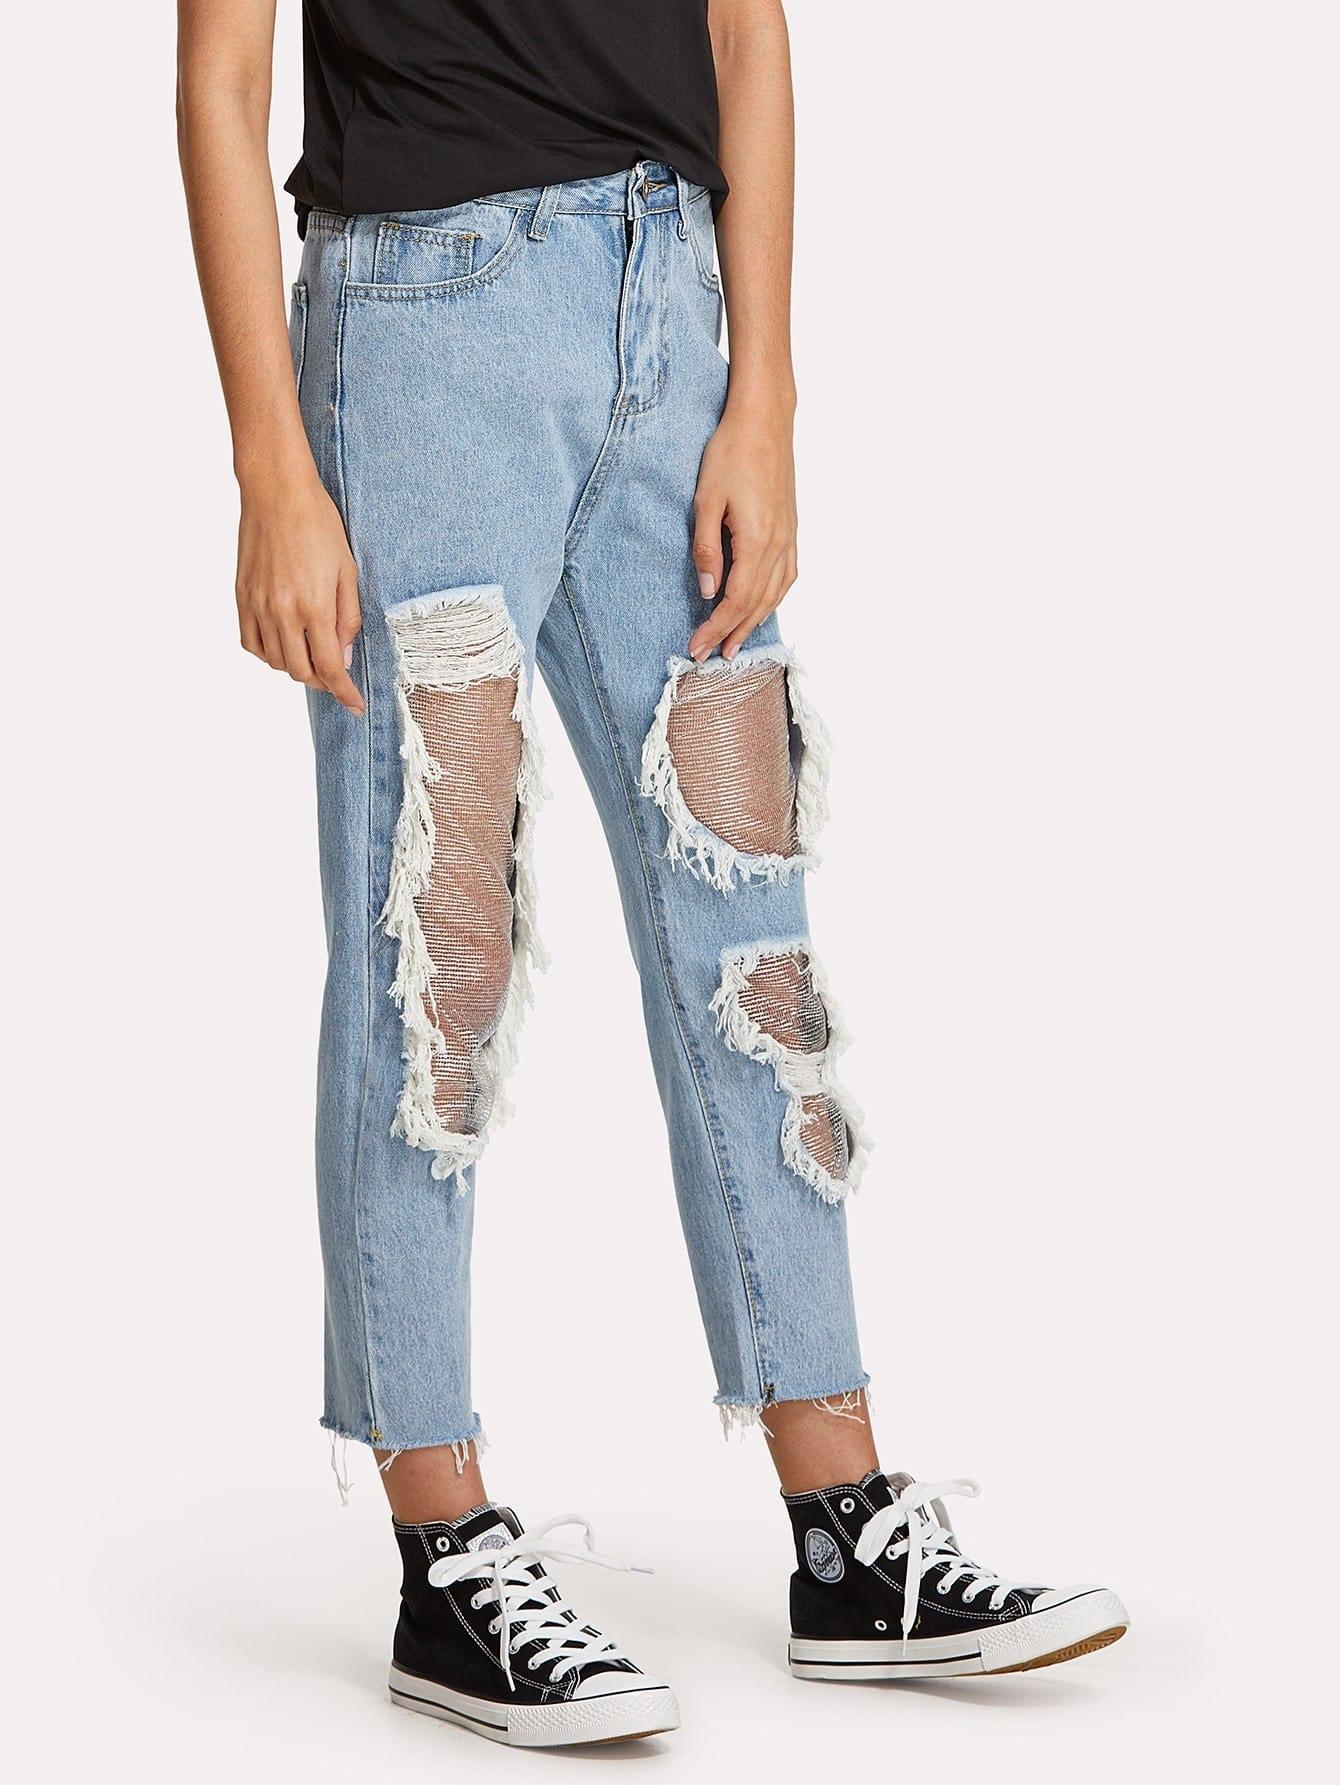 zerrissene jeans mit netzstoff german shein sheinside. Black Bedroom Furniture Sets. Home Design Ideas